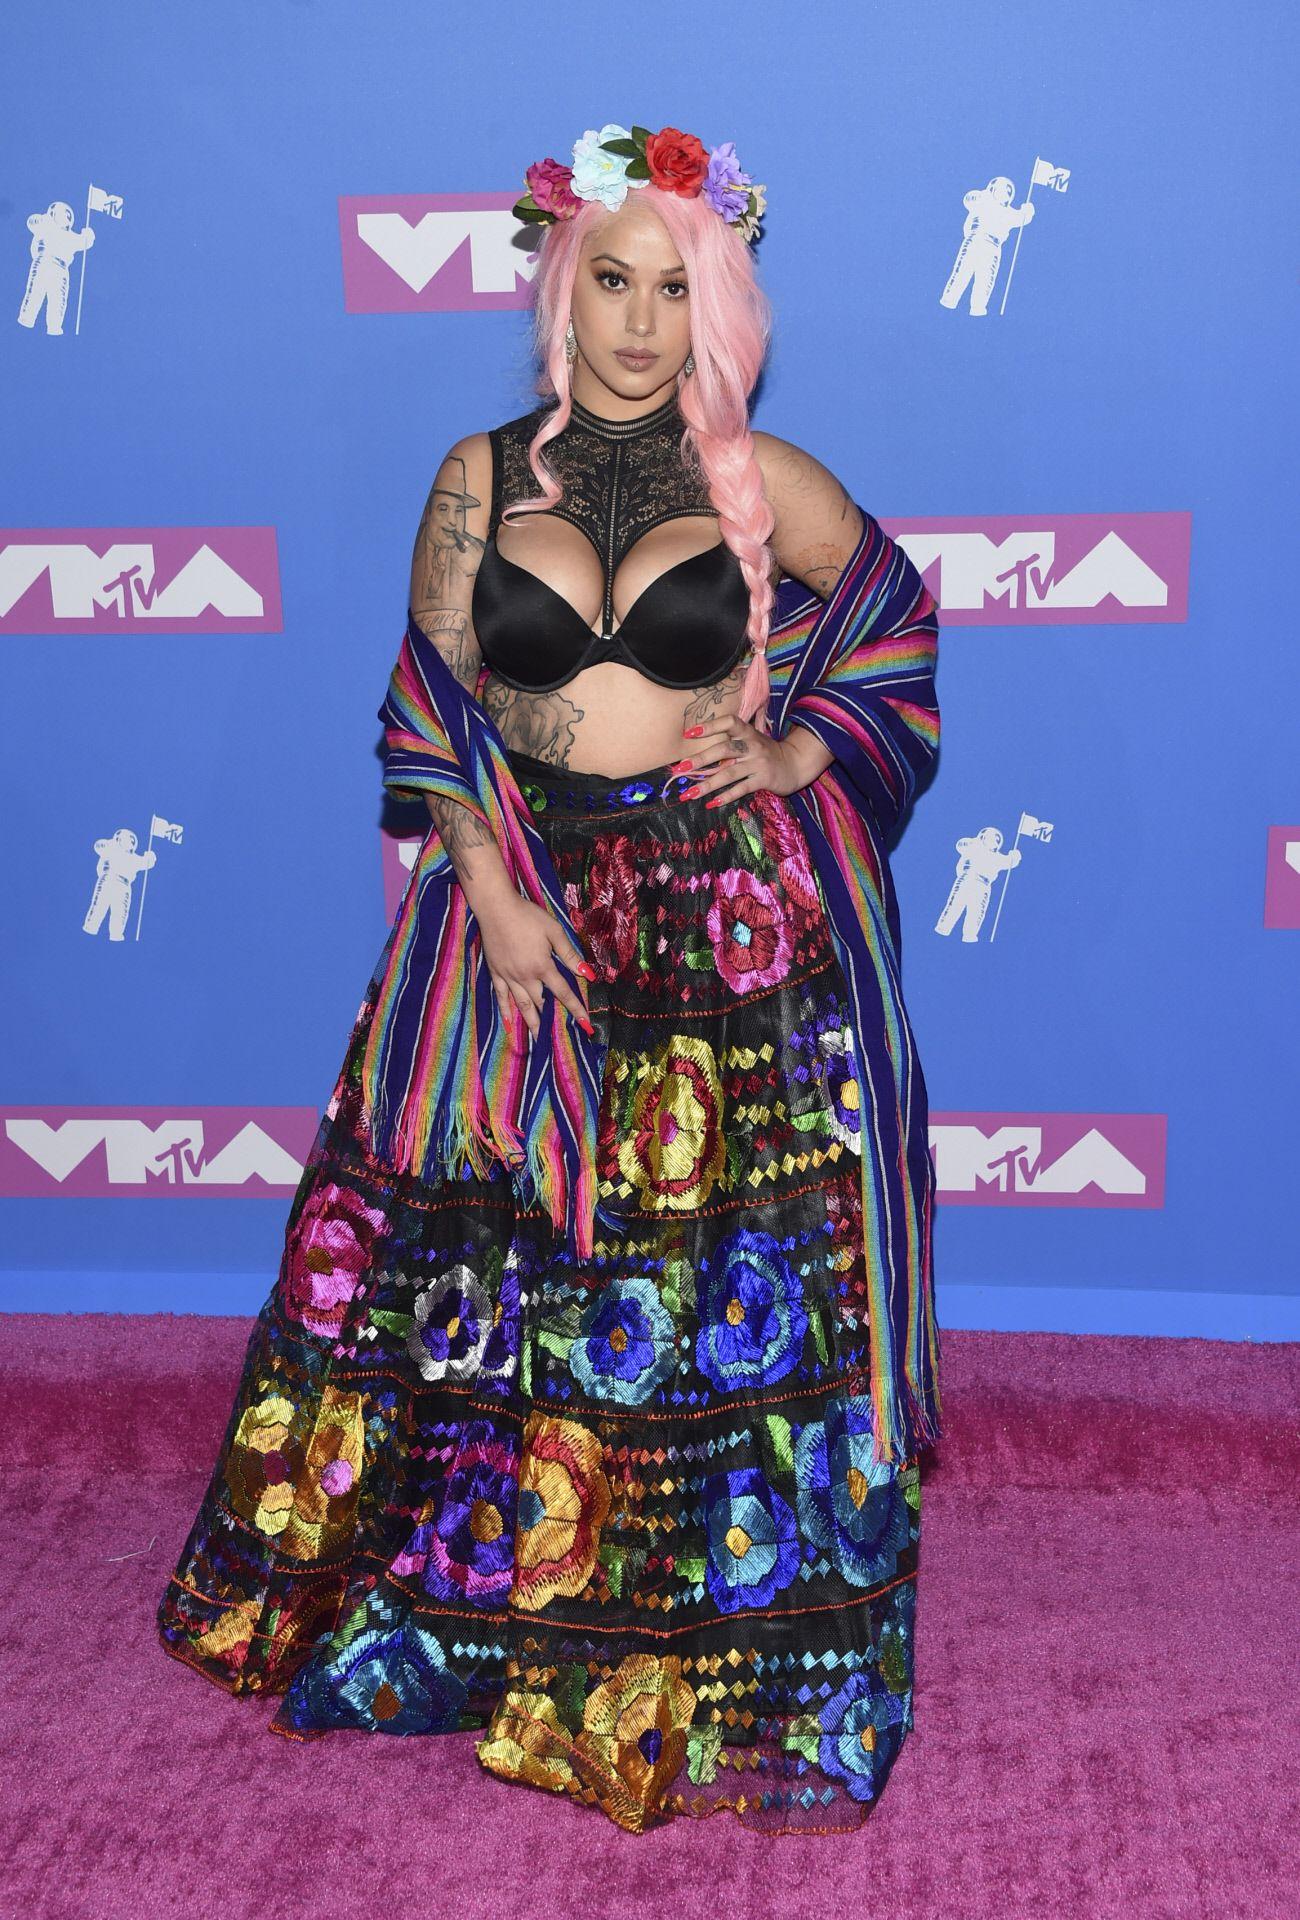 b029bfd4f24e MTV VMA 2018